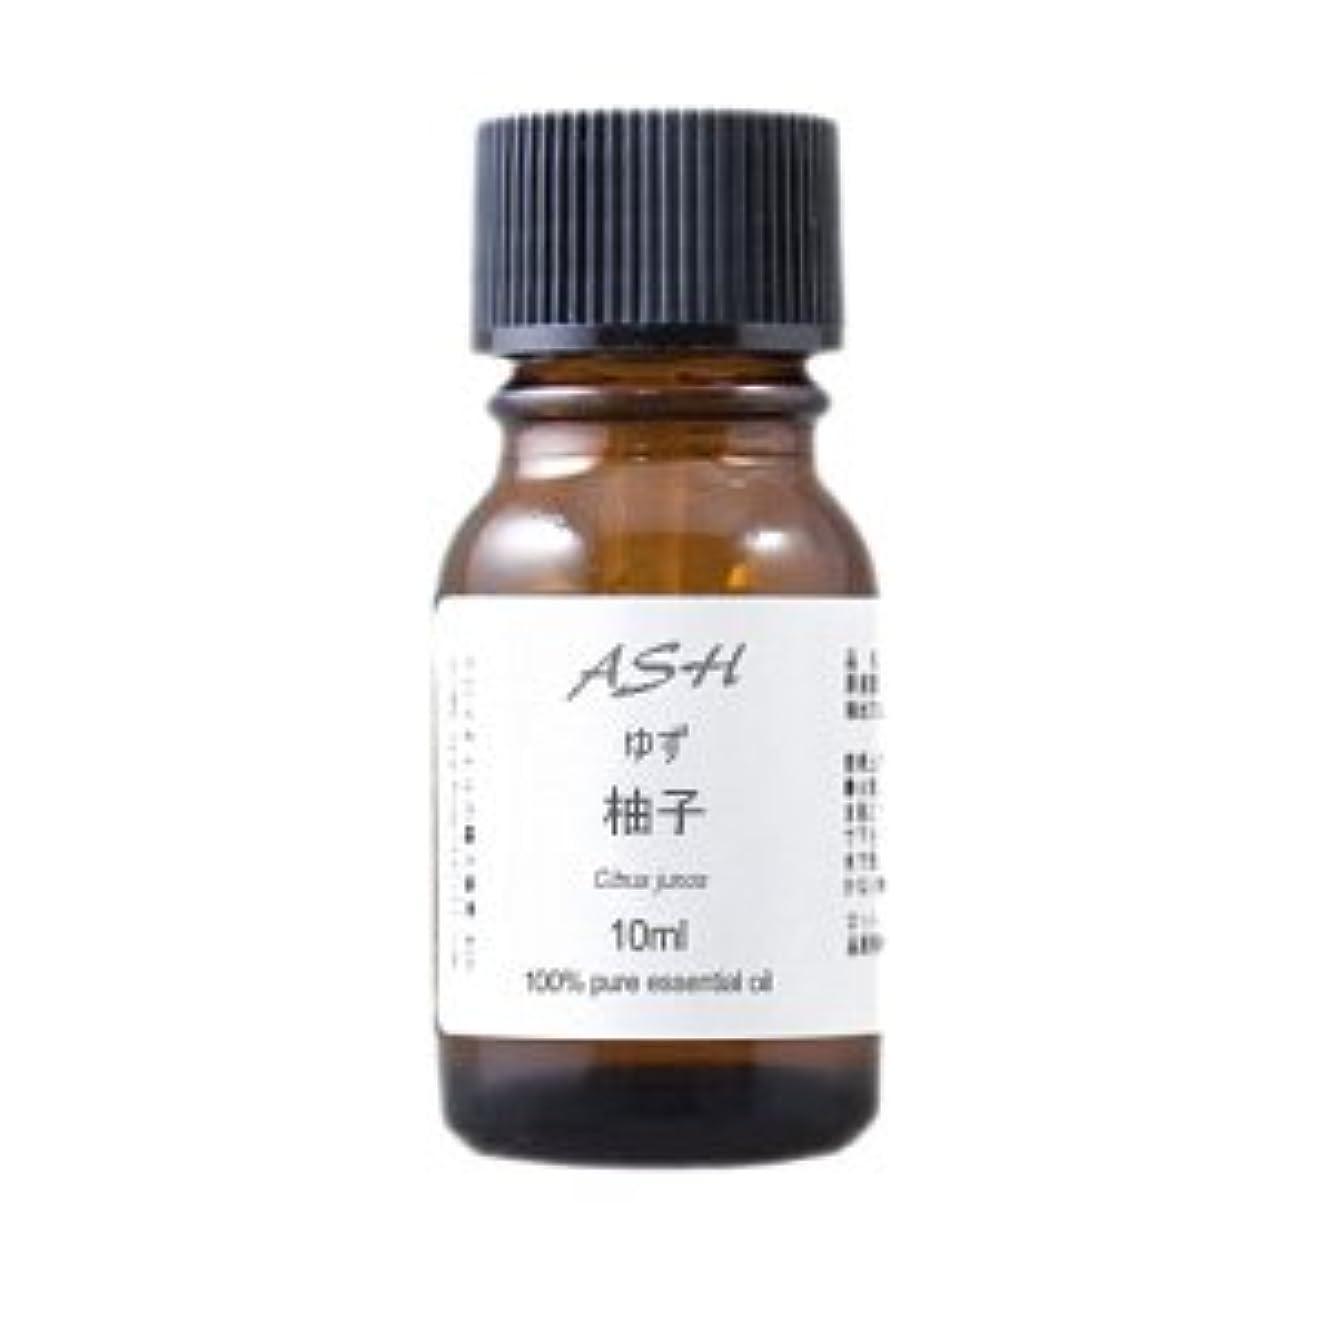 クアッガ肺炎組み込むASH 柚子 (ゆず) エッセンシャルオイル 10ml 【和精油】【Yuzu Essential Oil-Japan】 AEAJ表示基準適合認定精油